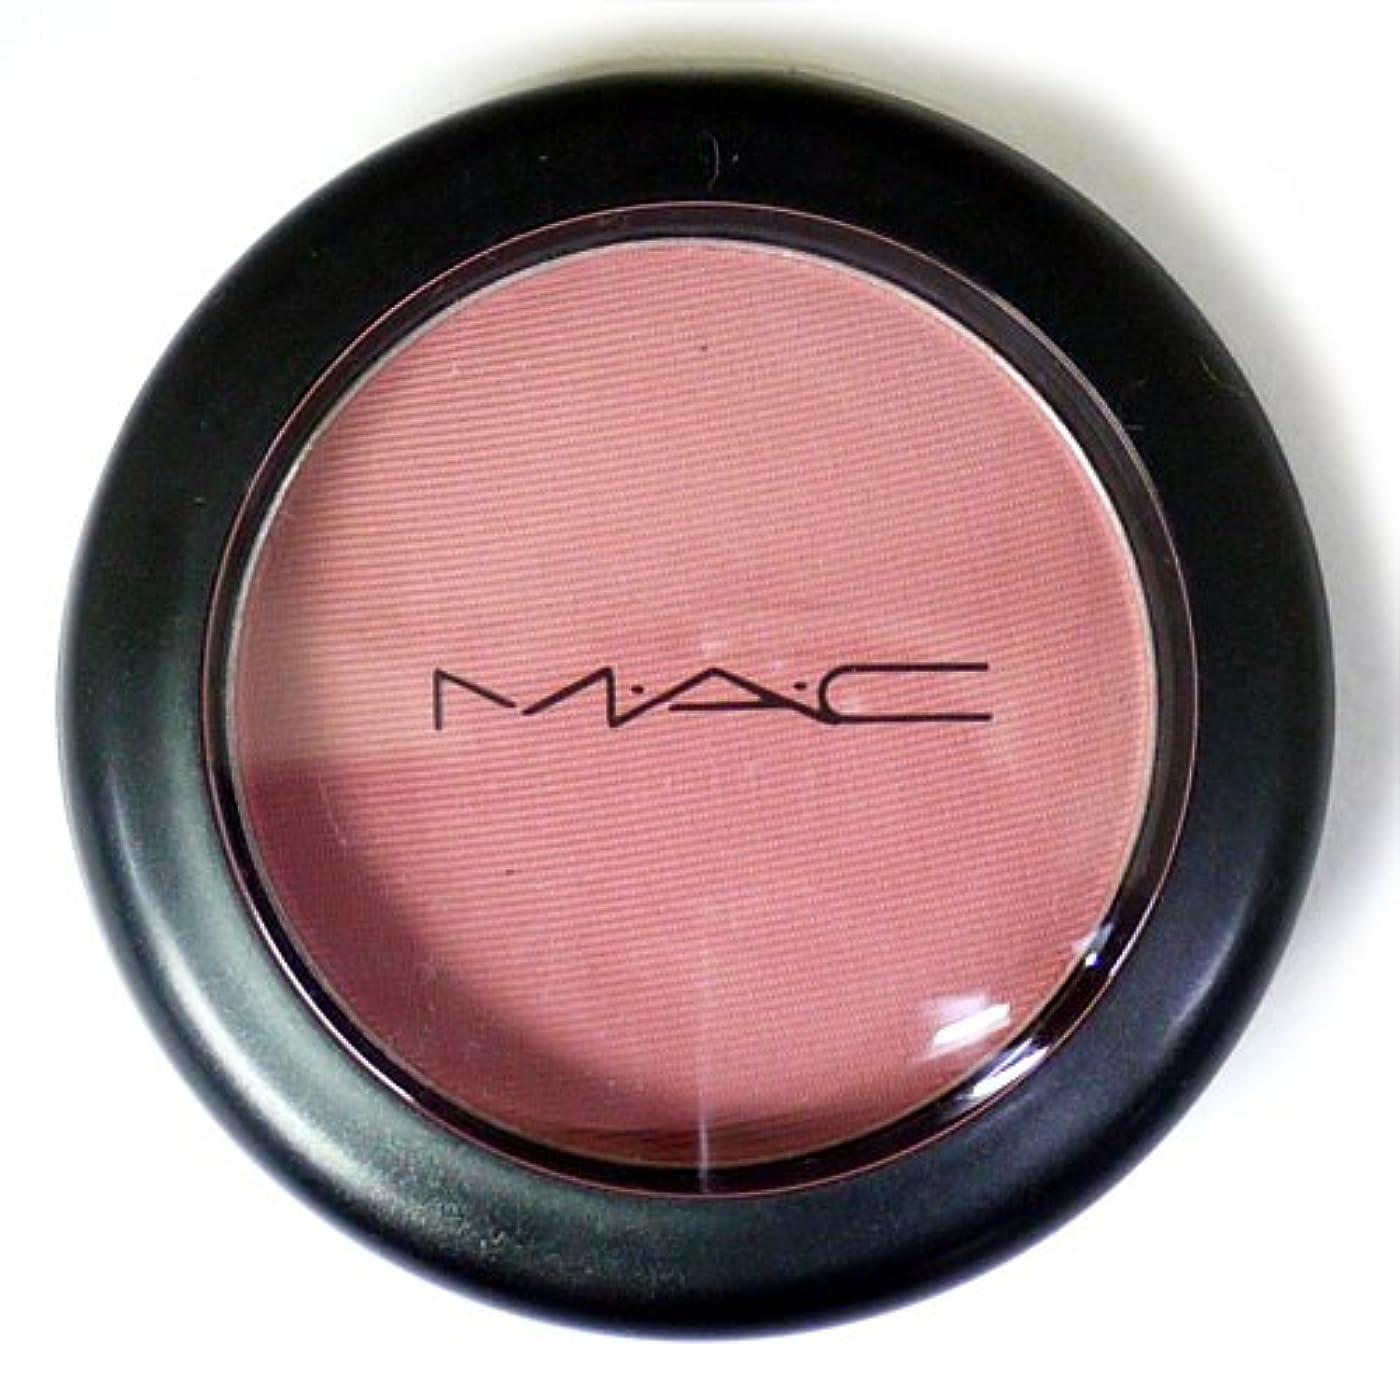 酸度床を掃除する発生MAC マック パウダー ブラッシュ 6g 【モカ】 【並行輸入品】